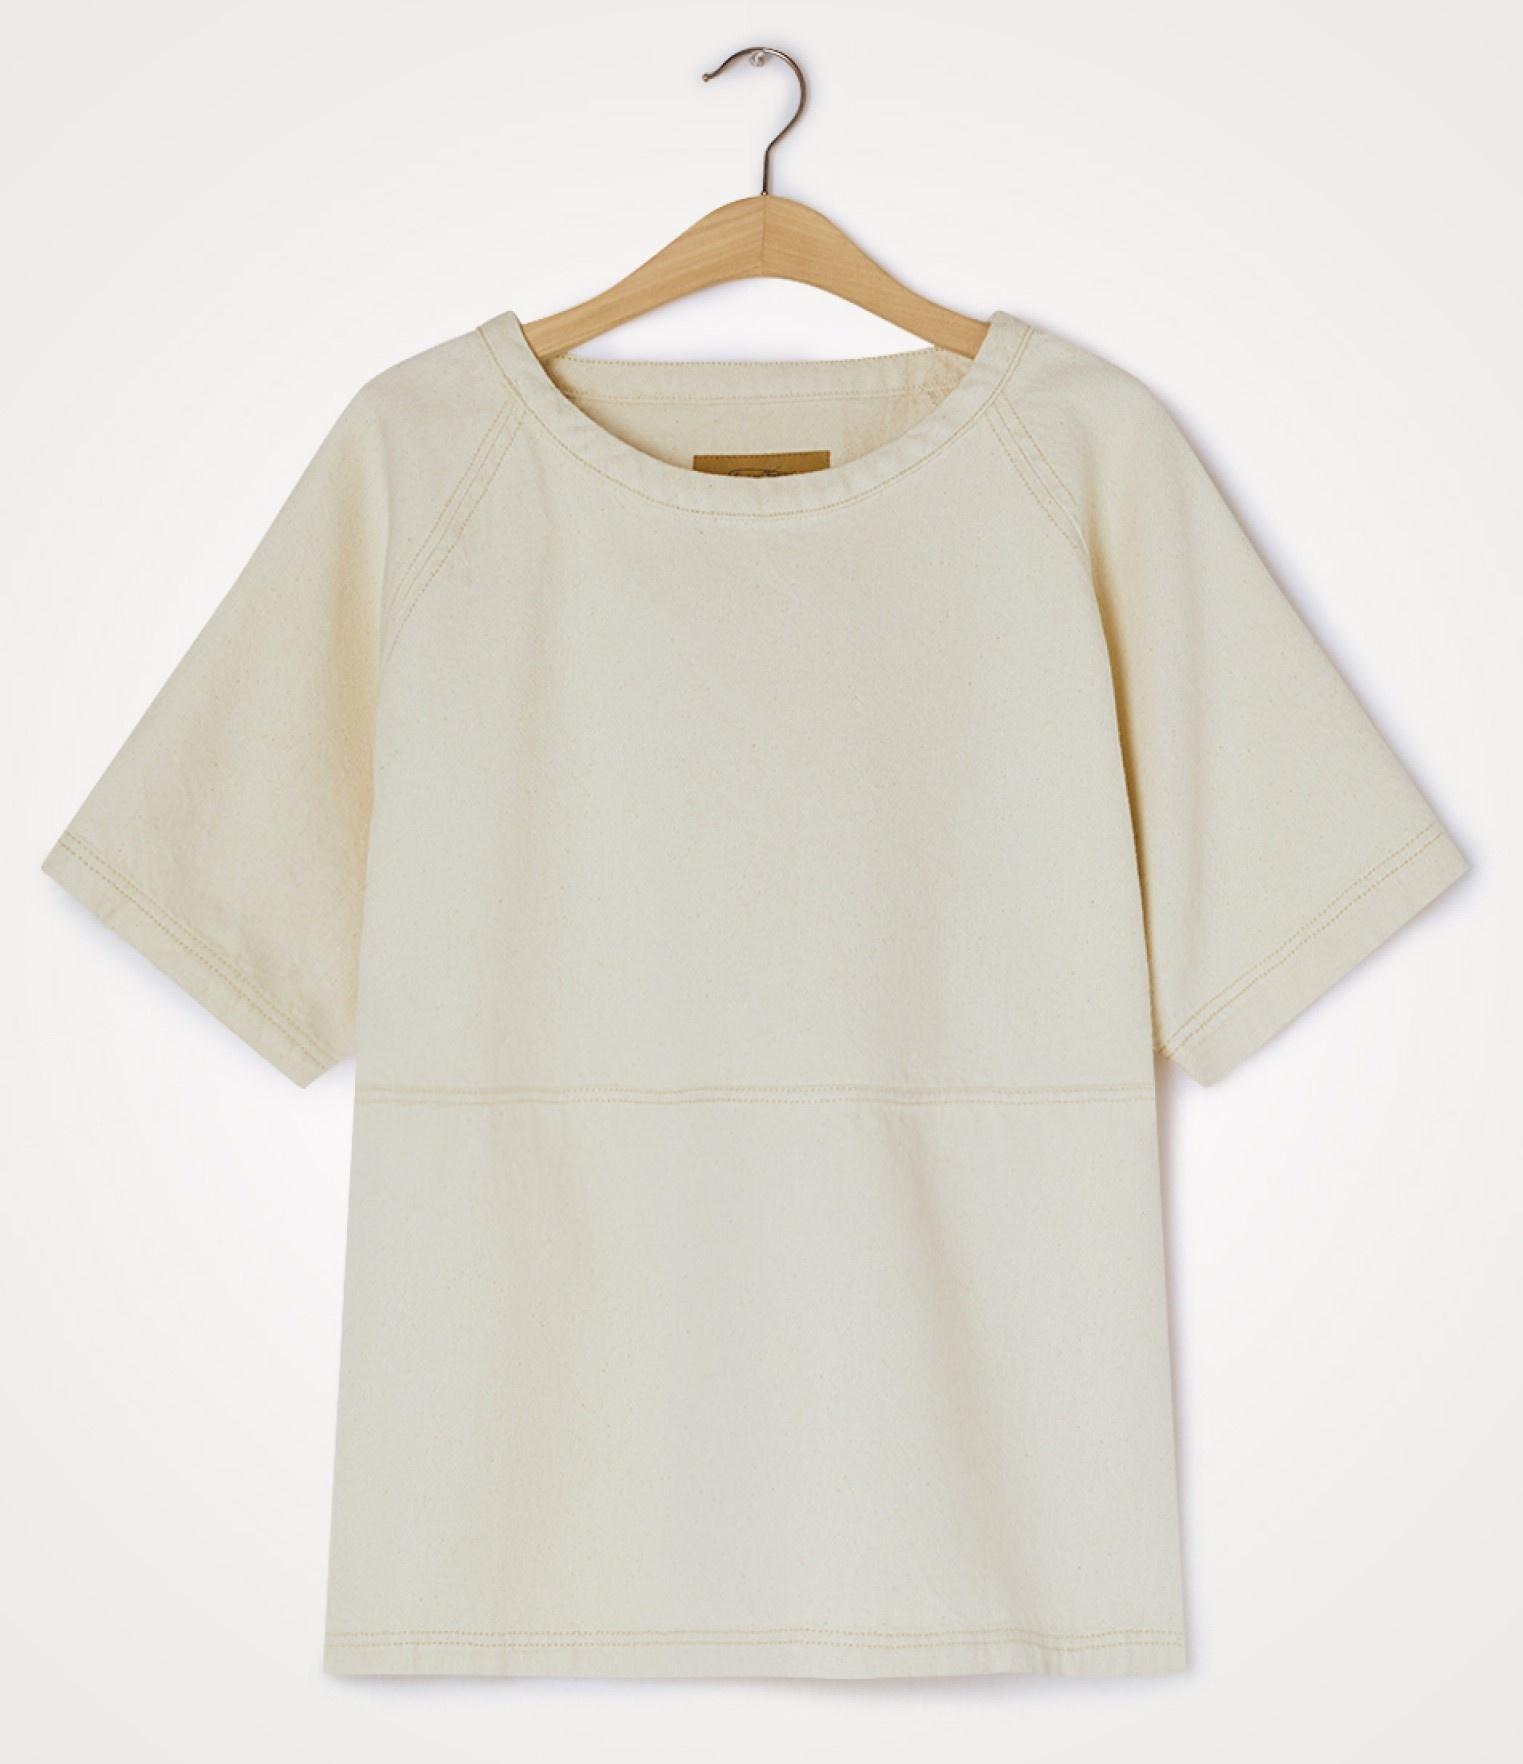 T-shirt Tineborow ecru-2